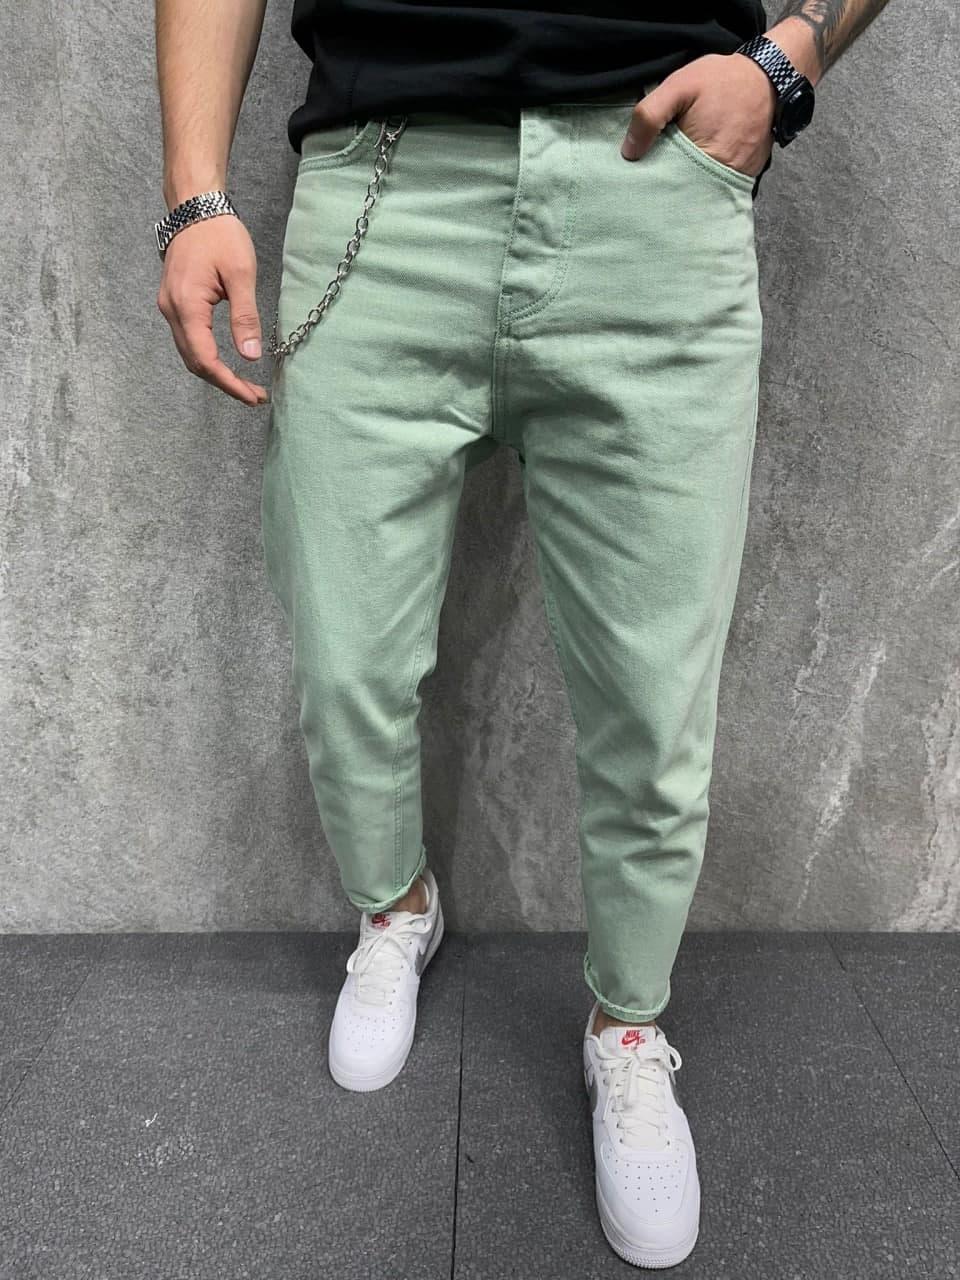 Мужские джинсы зауженные книзу (салатовые) стильные на лето s6380